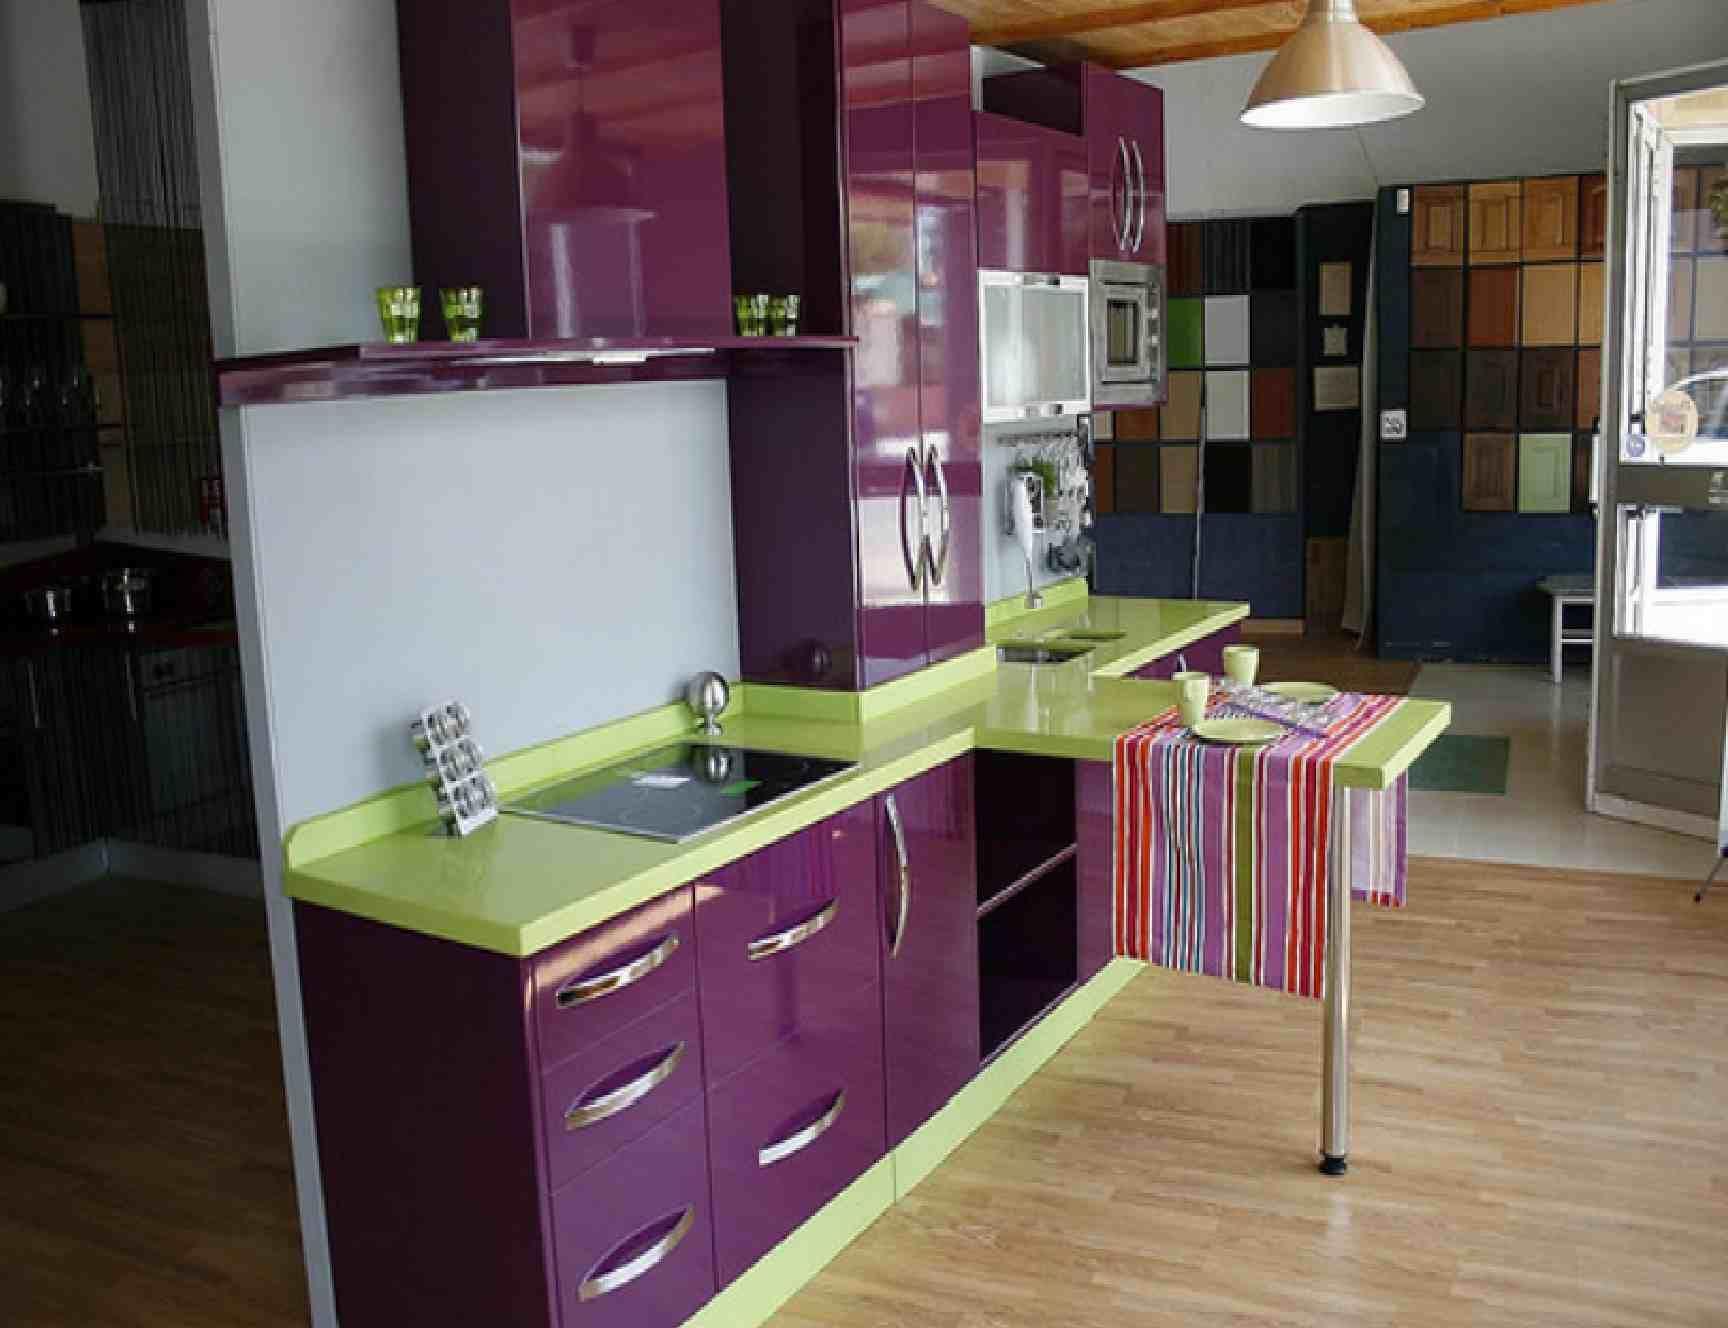 Best Kitchen Gallery: Purple Kitchen With Lime Counters Home Pinterest Purple of Purple Kitchen Interior Design on rachelxblog.com